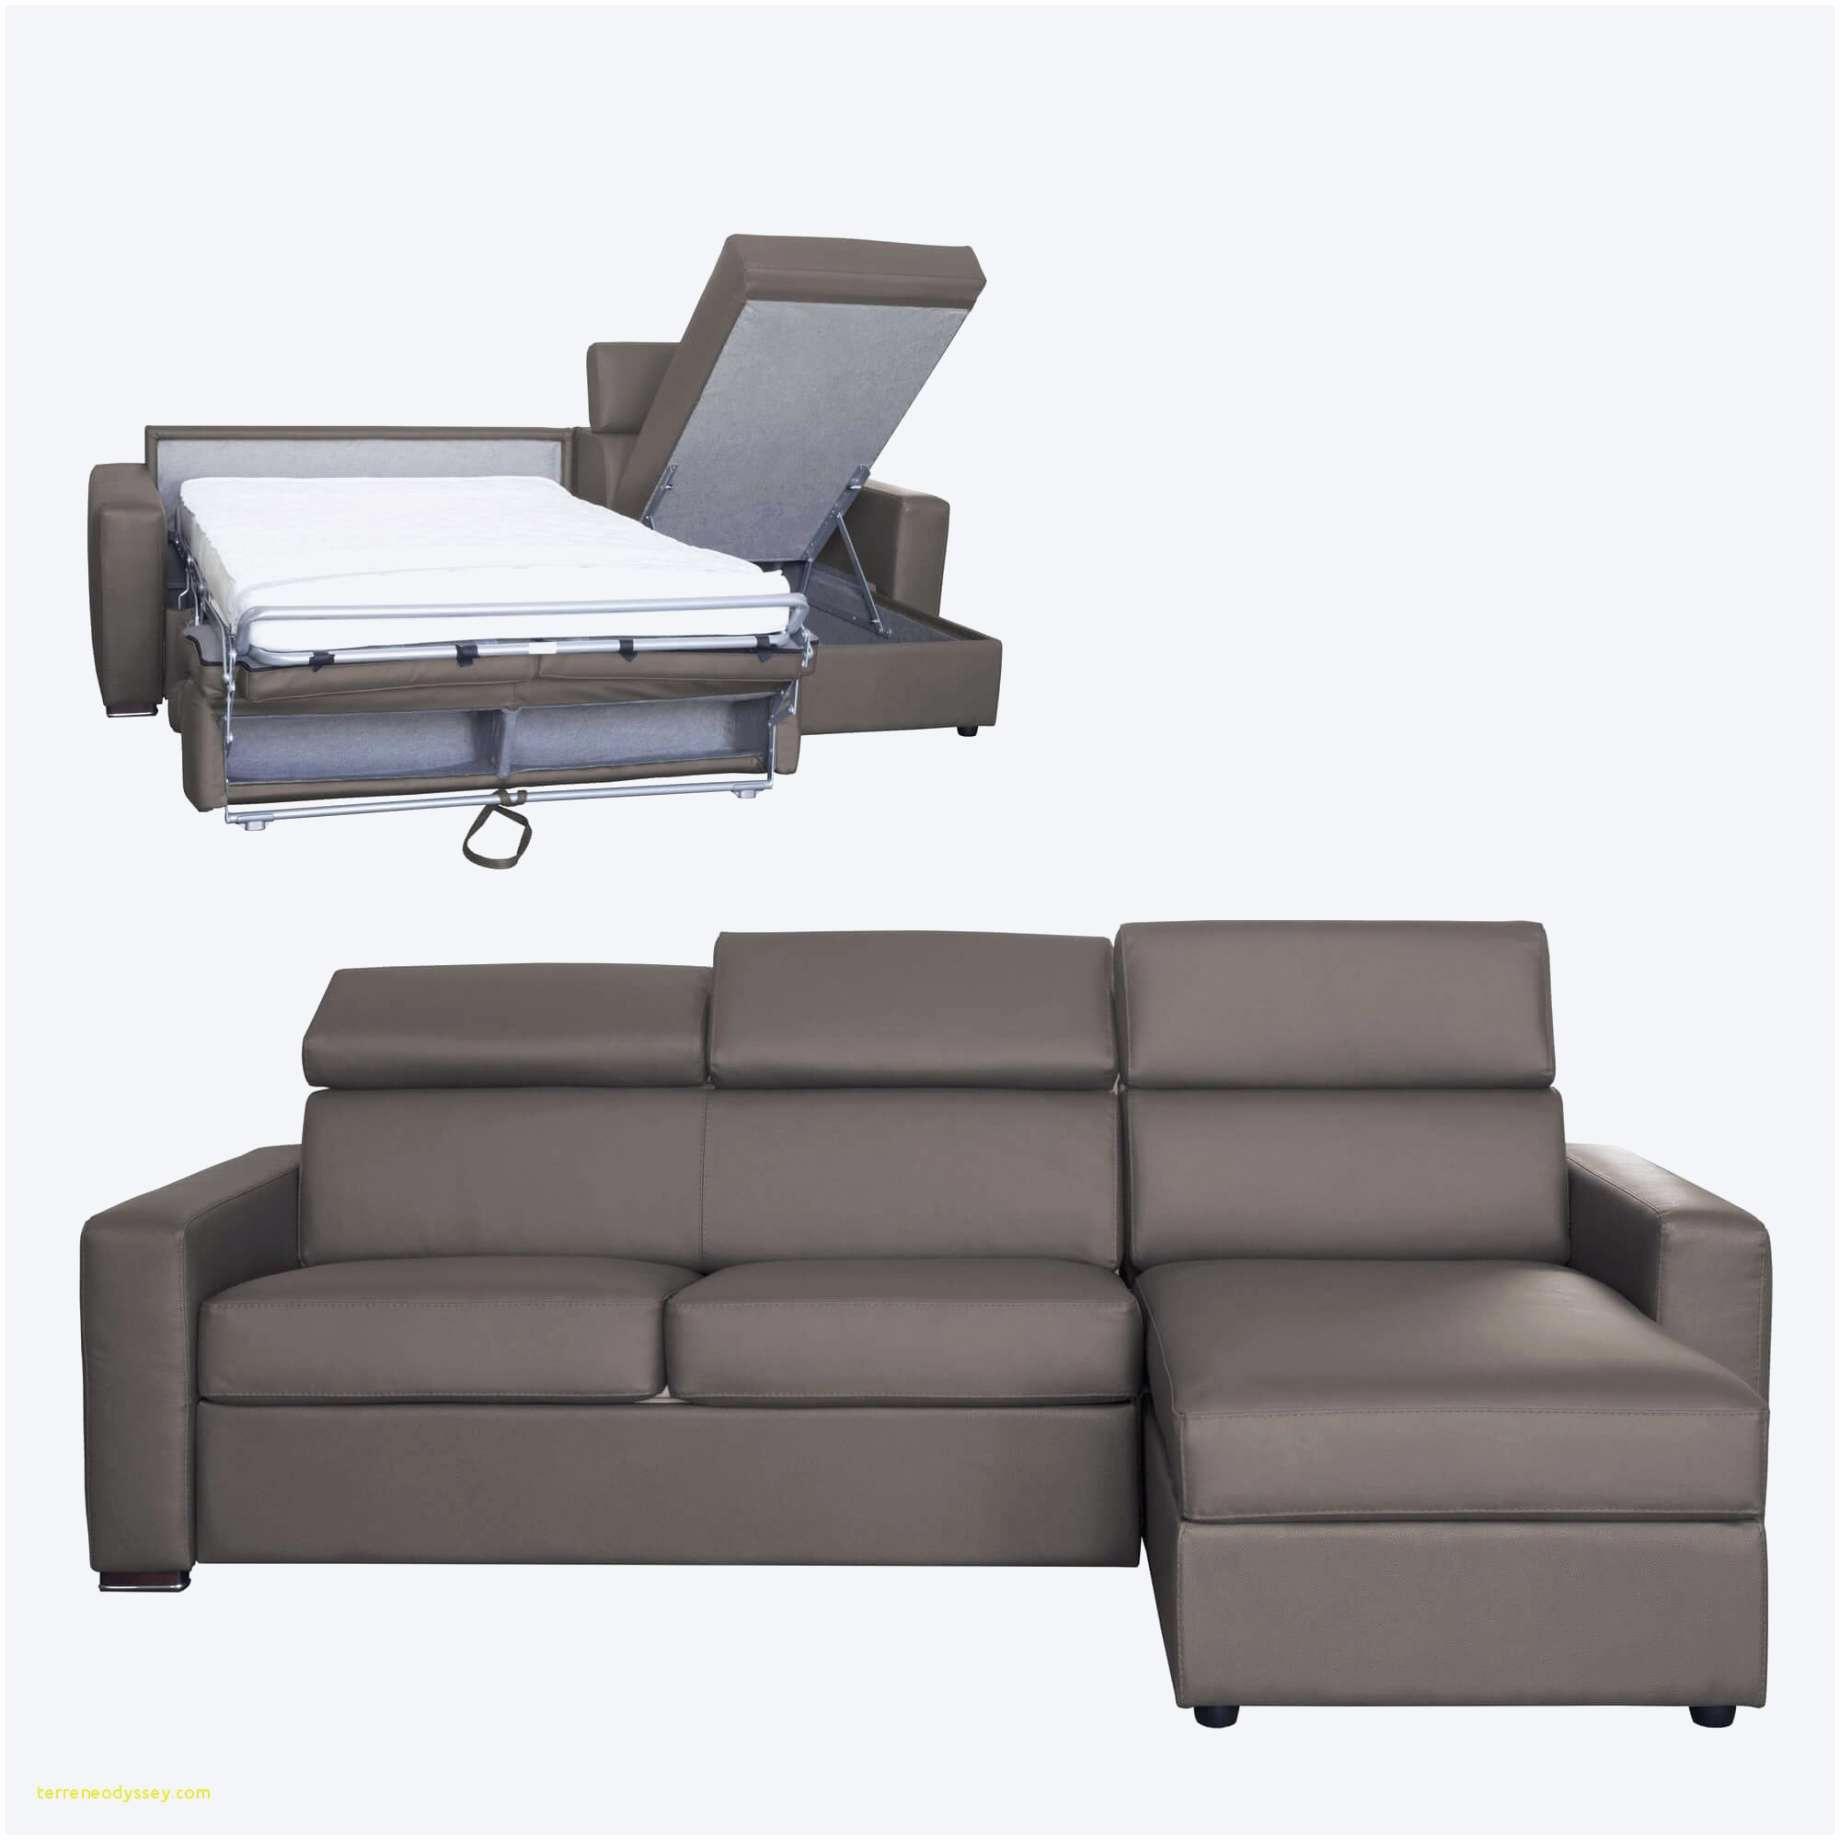 Impressionnant Canapé D Angle Simili Cuir Conforama - Luckytroll dedans Canape Cuir Convertible Conforama